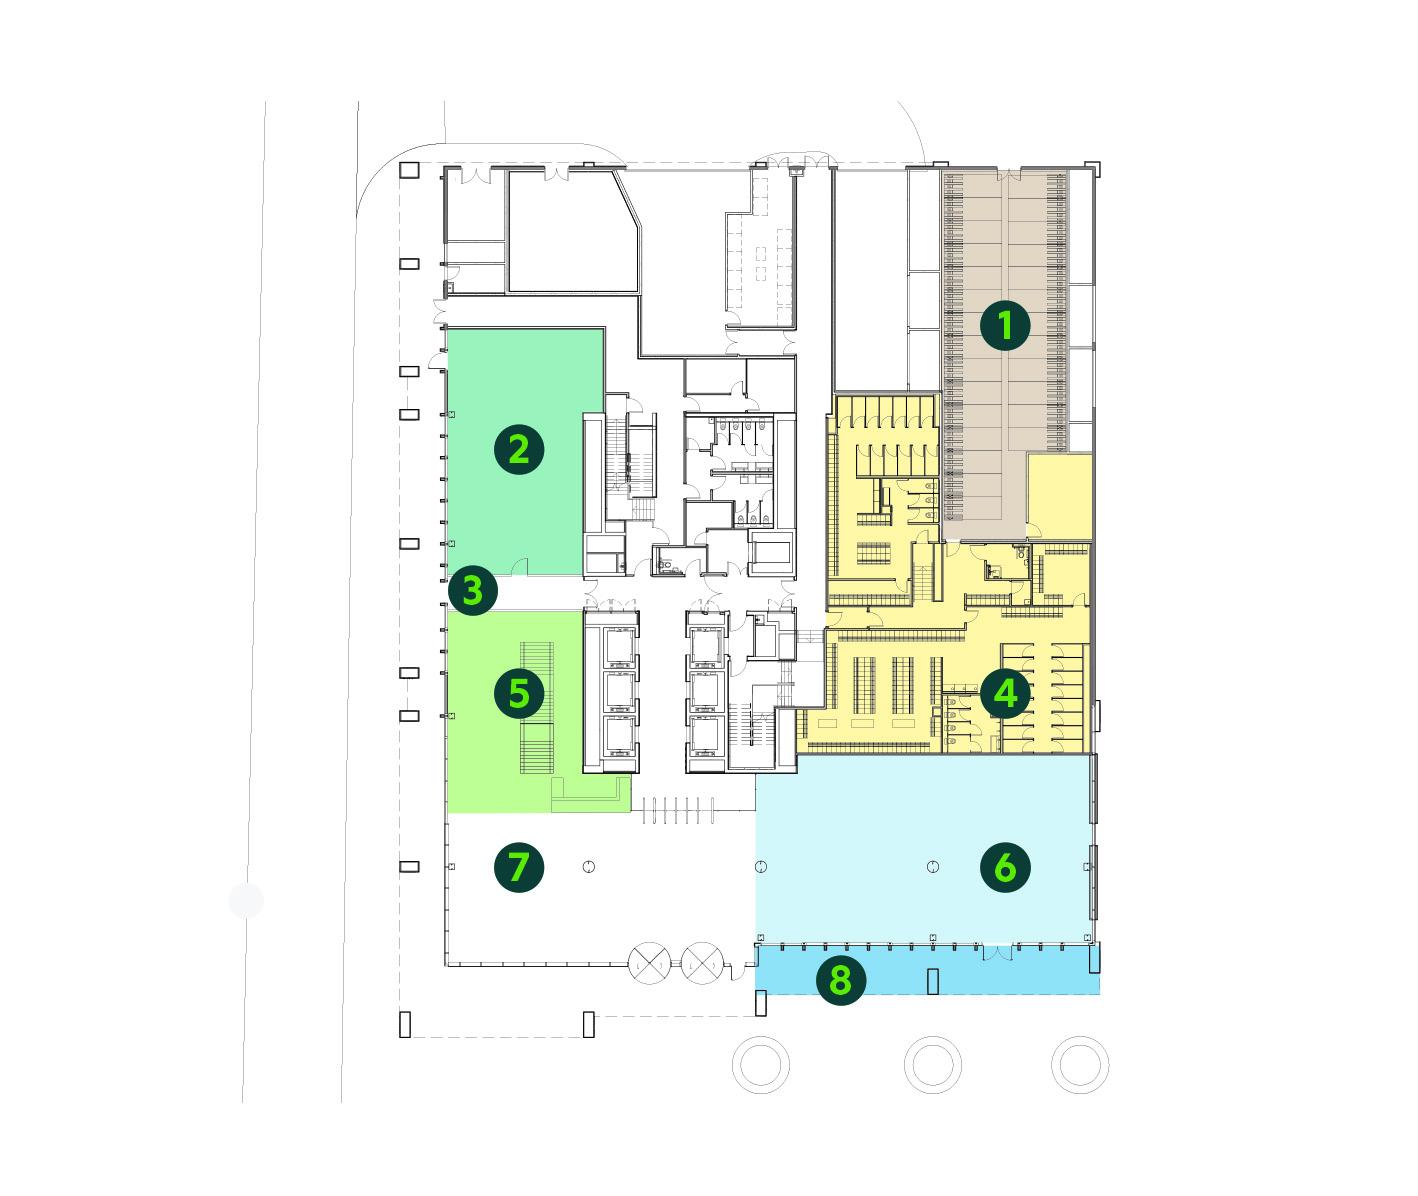 Ground Floor Schematic